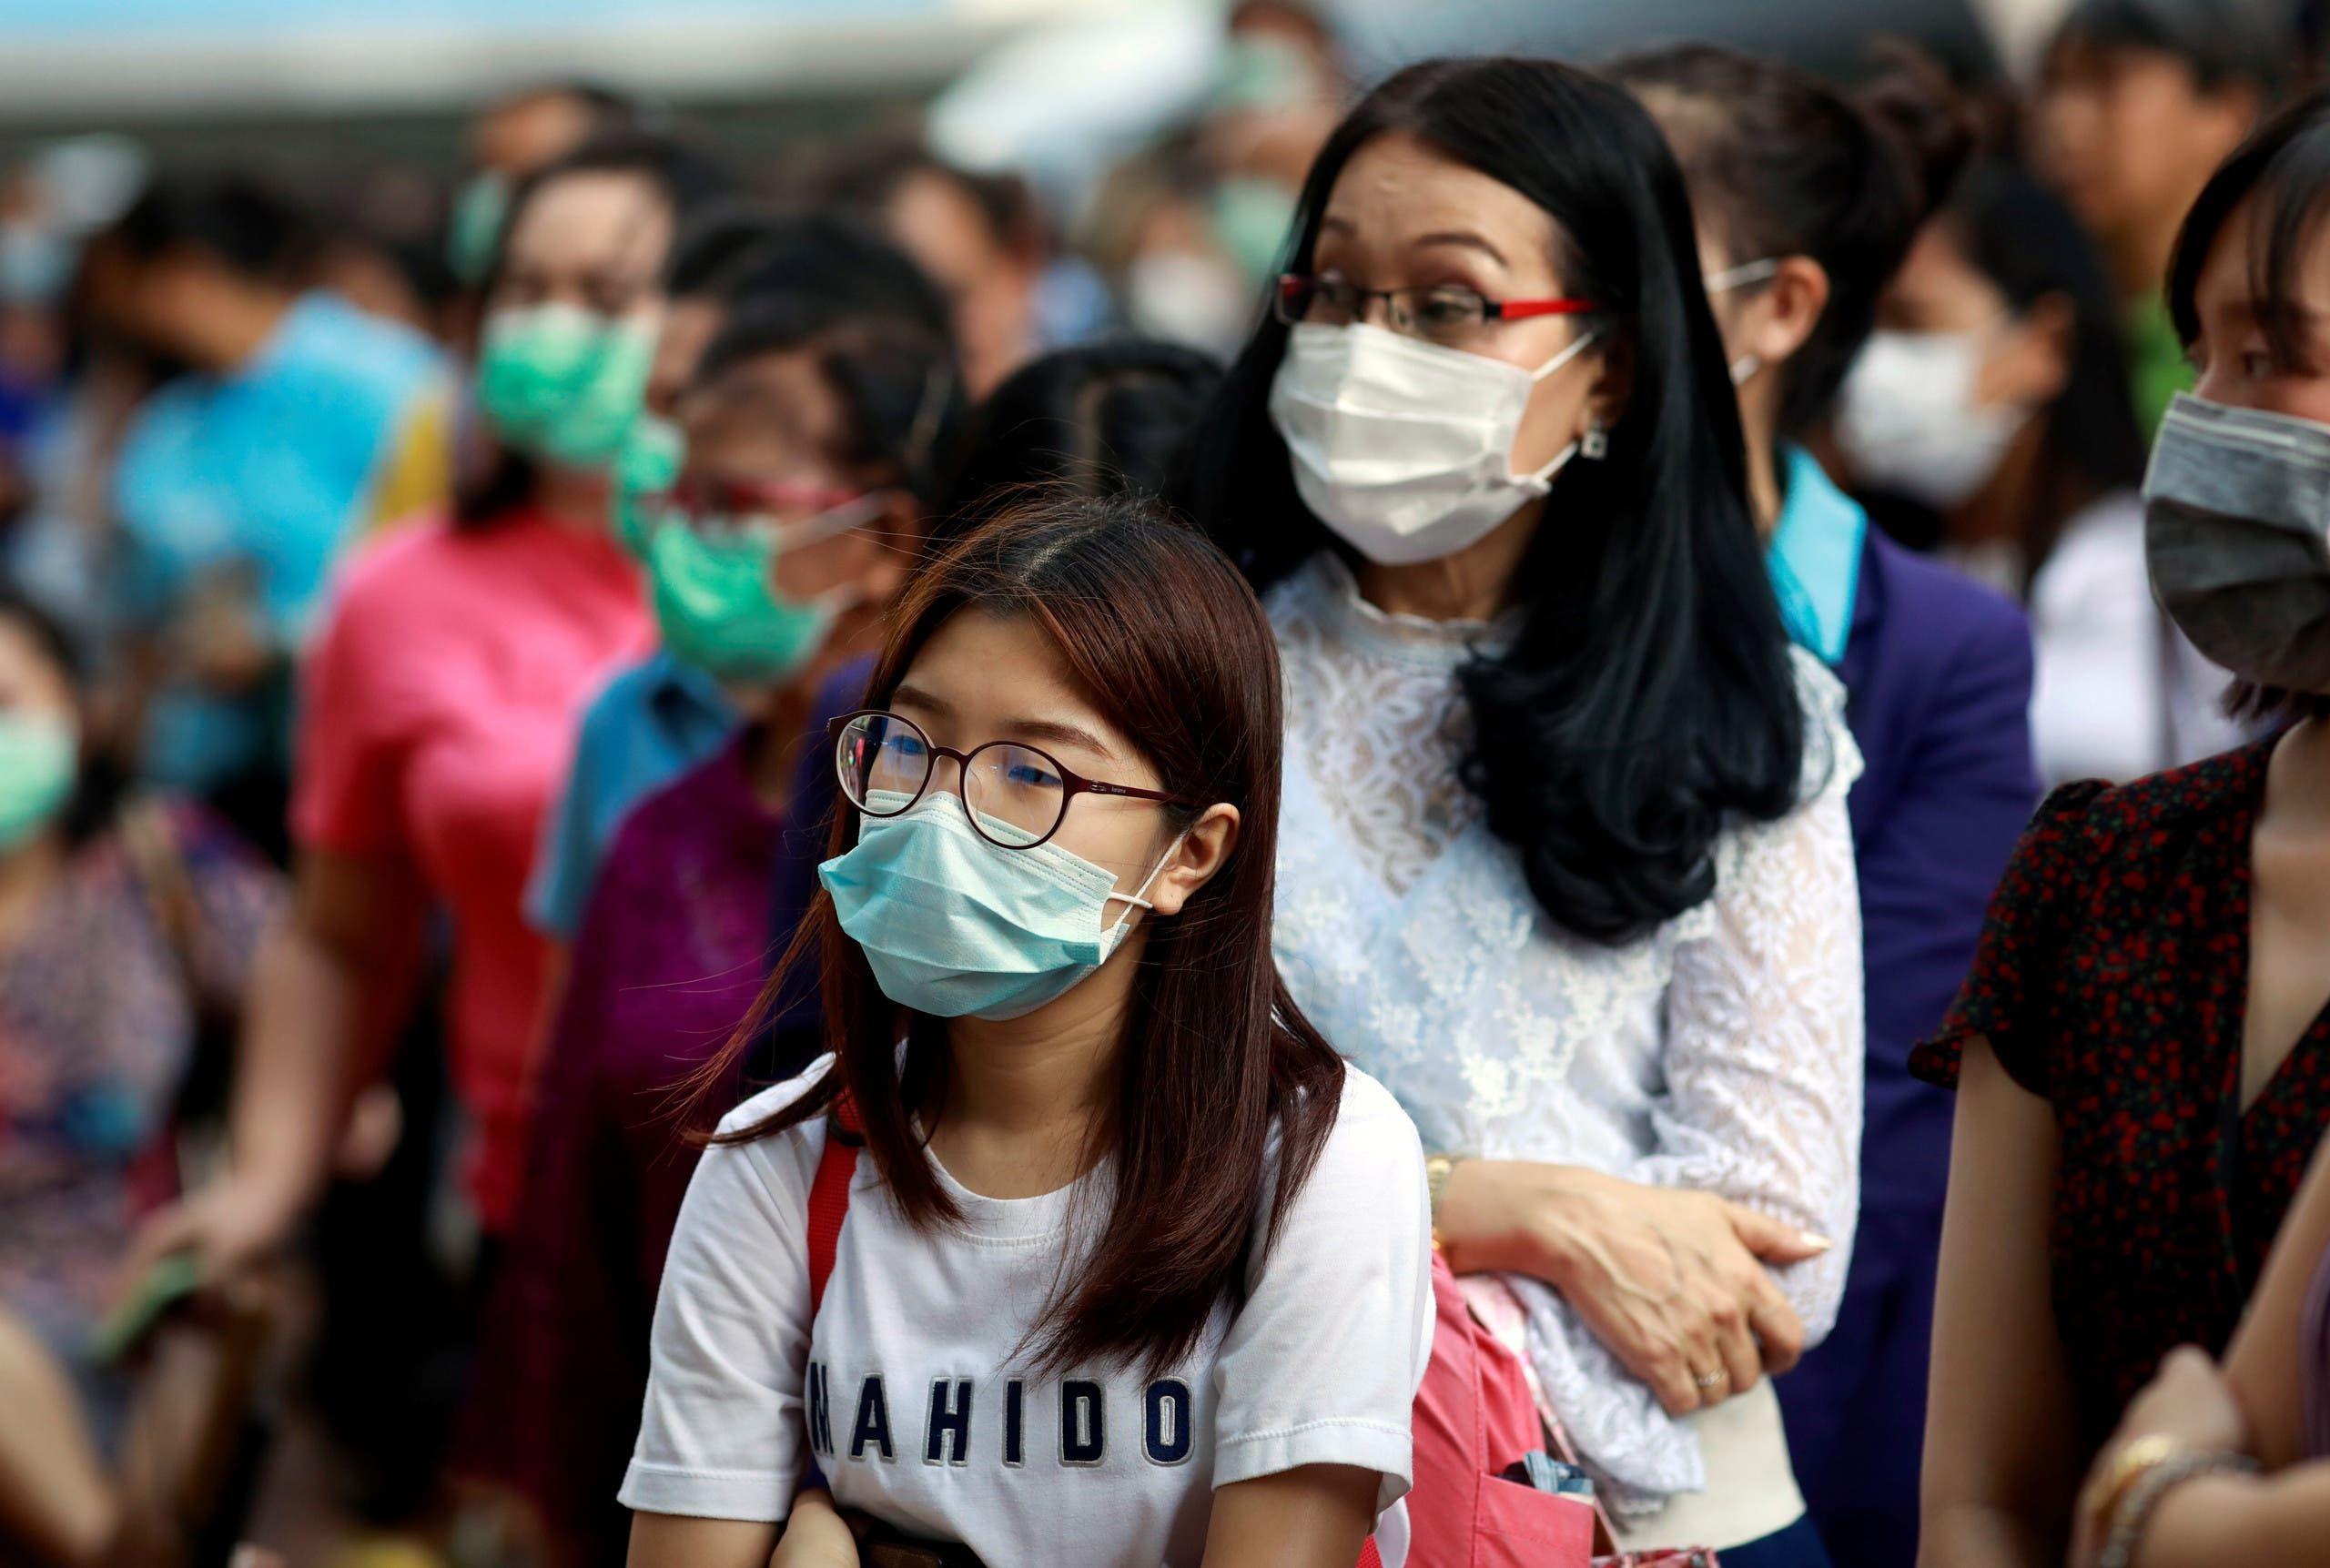 كورونا في تايلاند (رويترز)